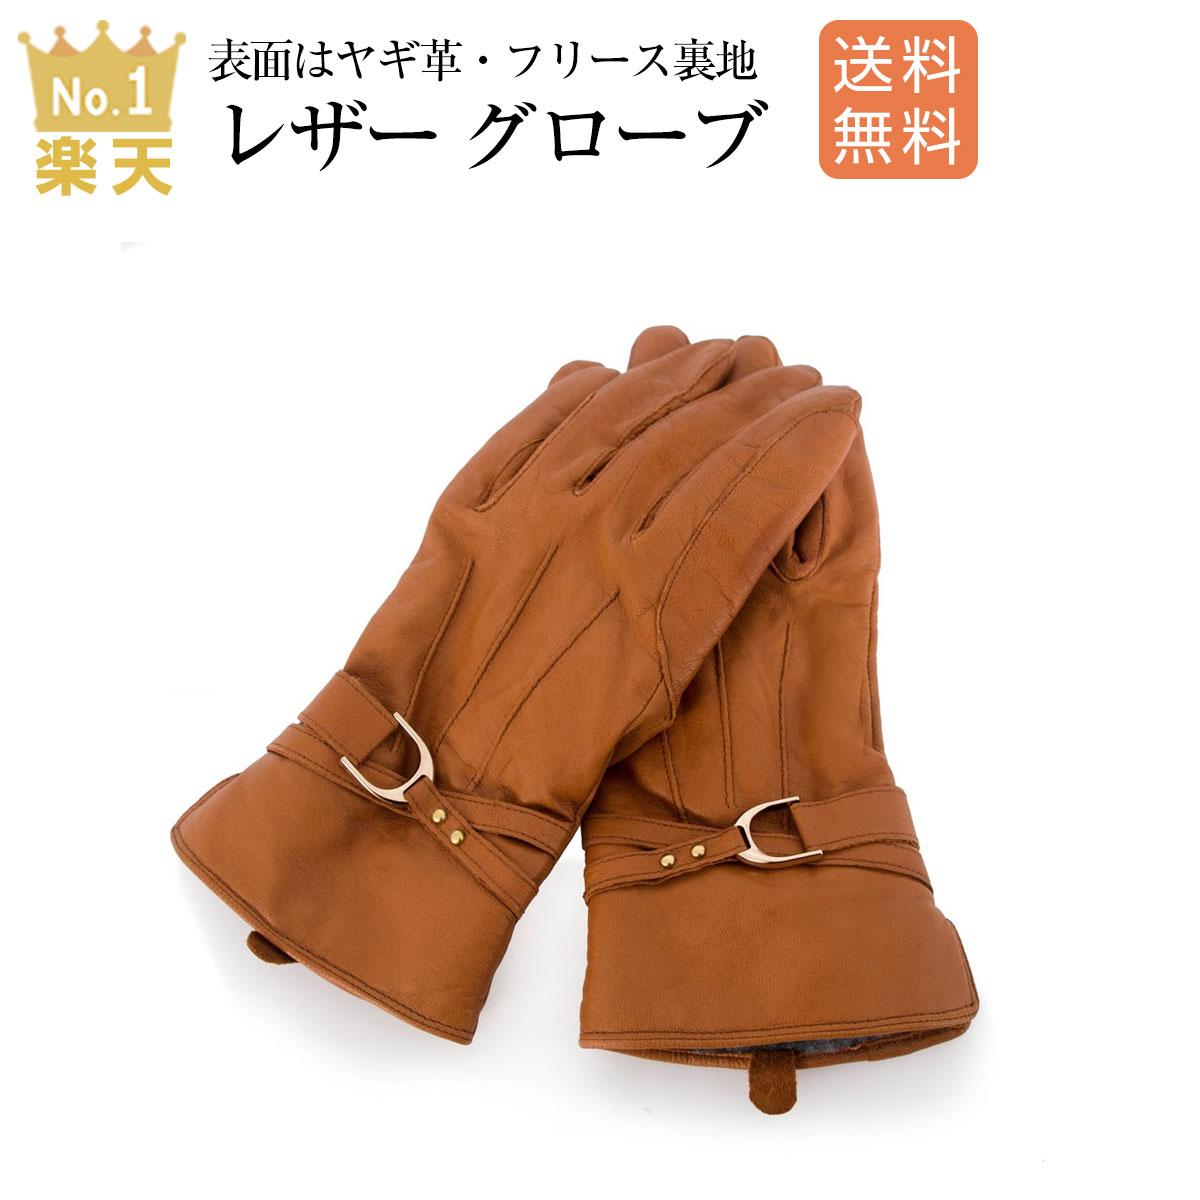 【月間優良ショップ】乗馬 グローブ 手袋 送料無料 JACSON カリエ レザー グローブ 乗馬用品 馬具